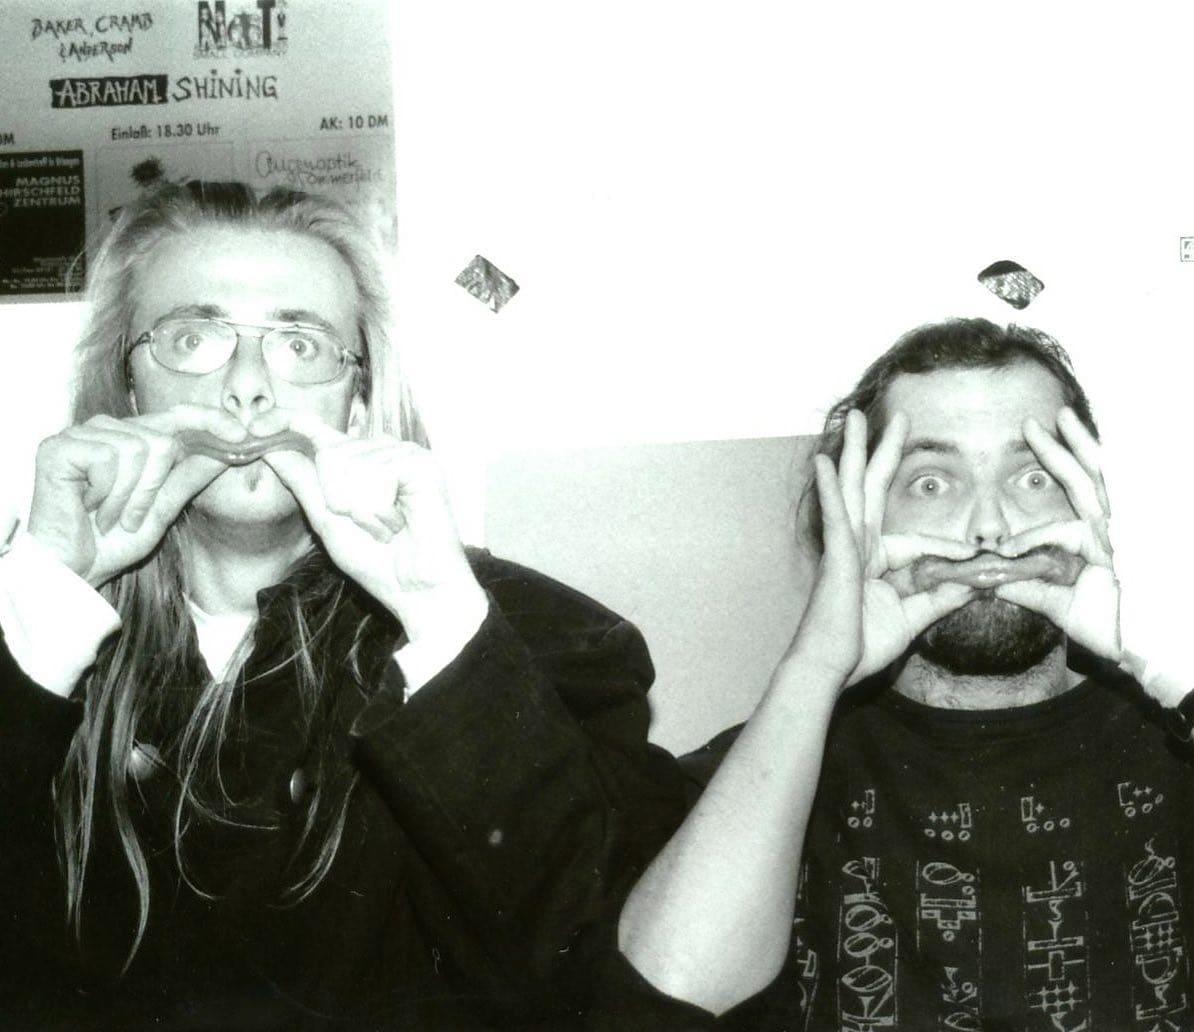 Instagram:Dies ist ein sehr altes Bild. Es zeigt Hannes und Vito 1995 bei den Studioaufnahmen zu #ExpliziteLyrik. Warum wir uns di